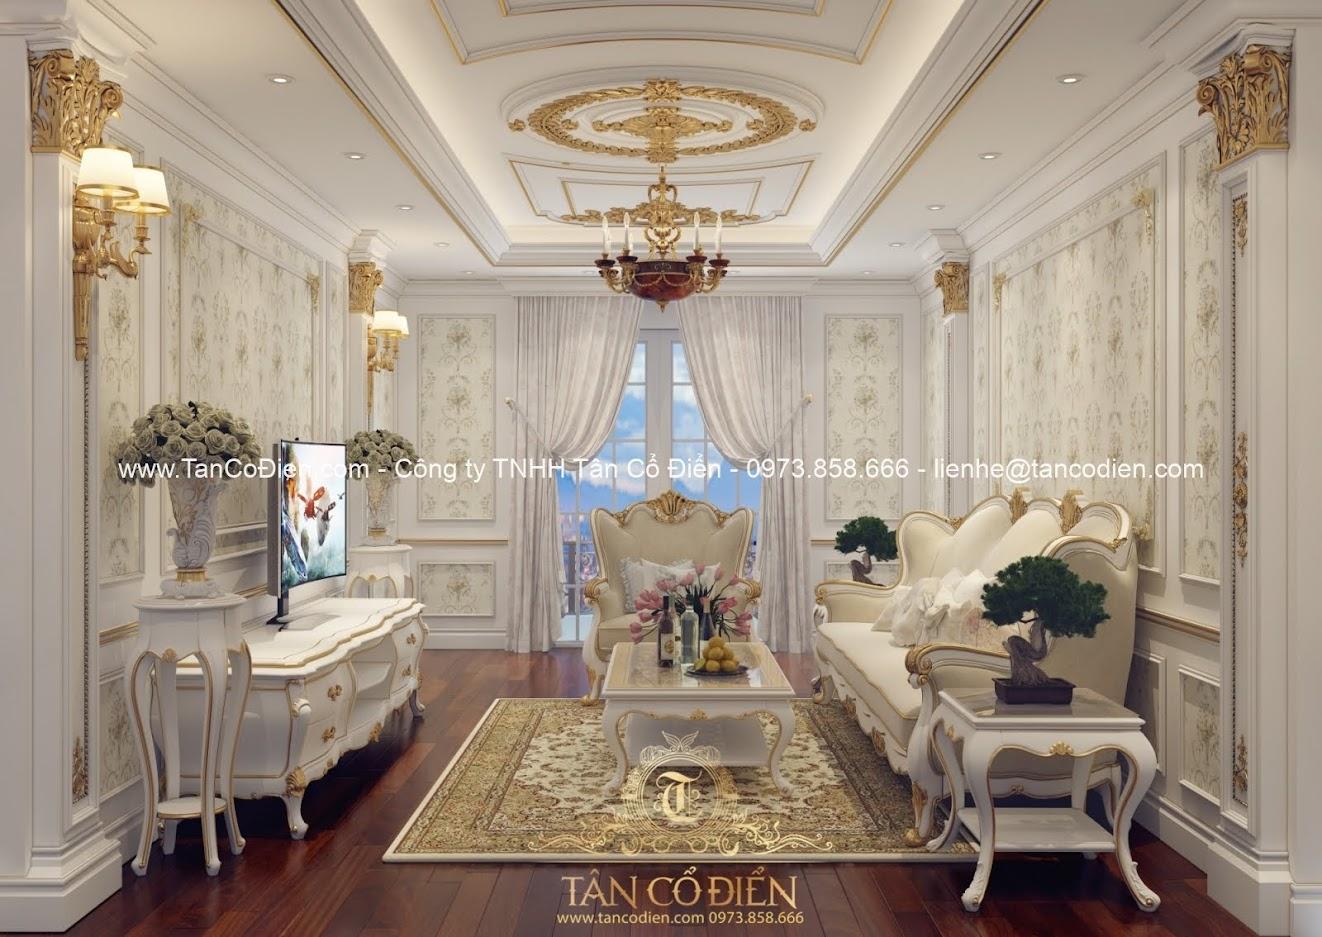 Thiết kế biệt thự phòng khách cổ điển